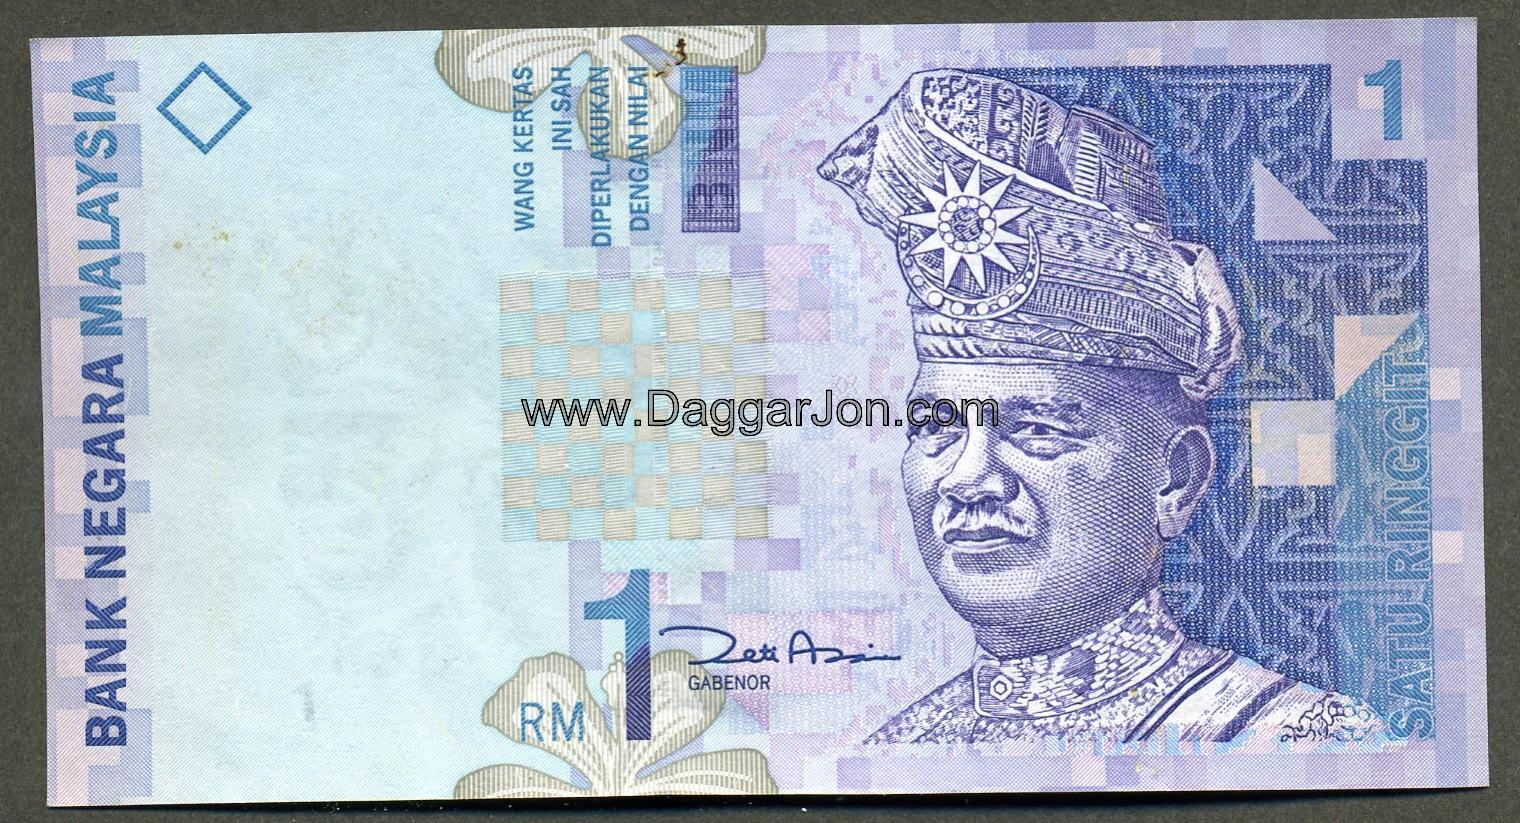 Malaysia Tax Rate 2016